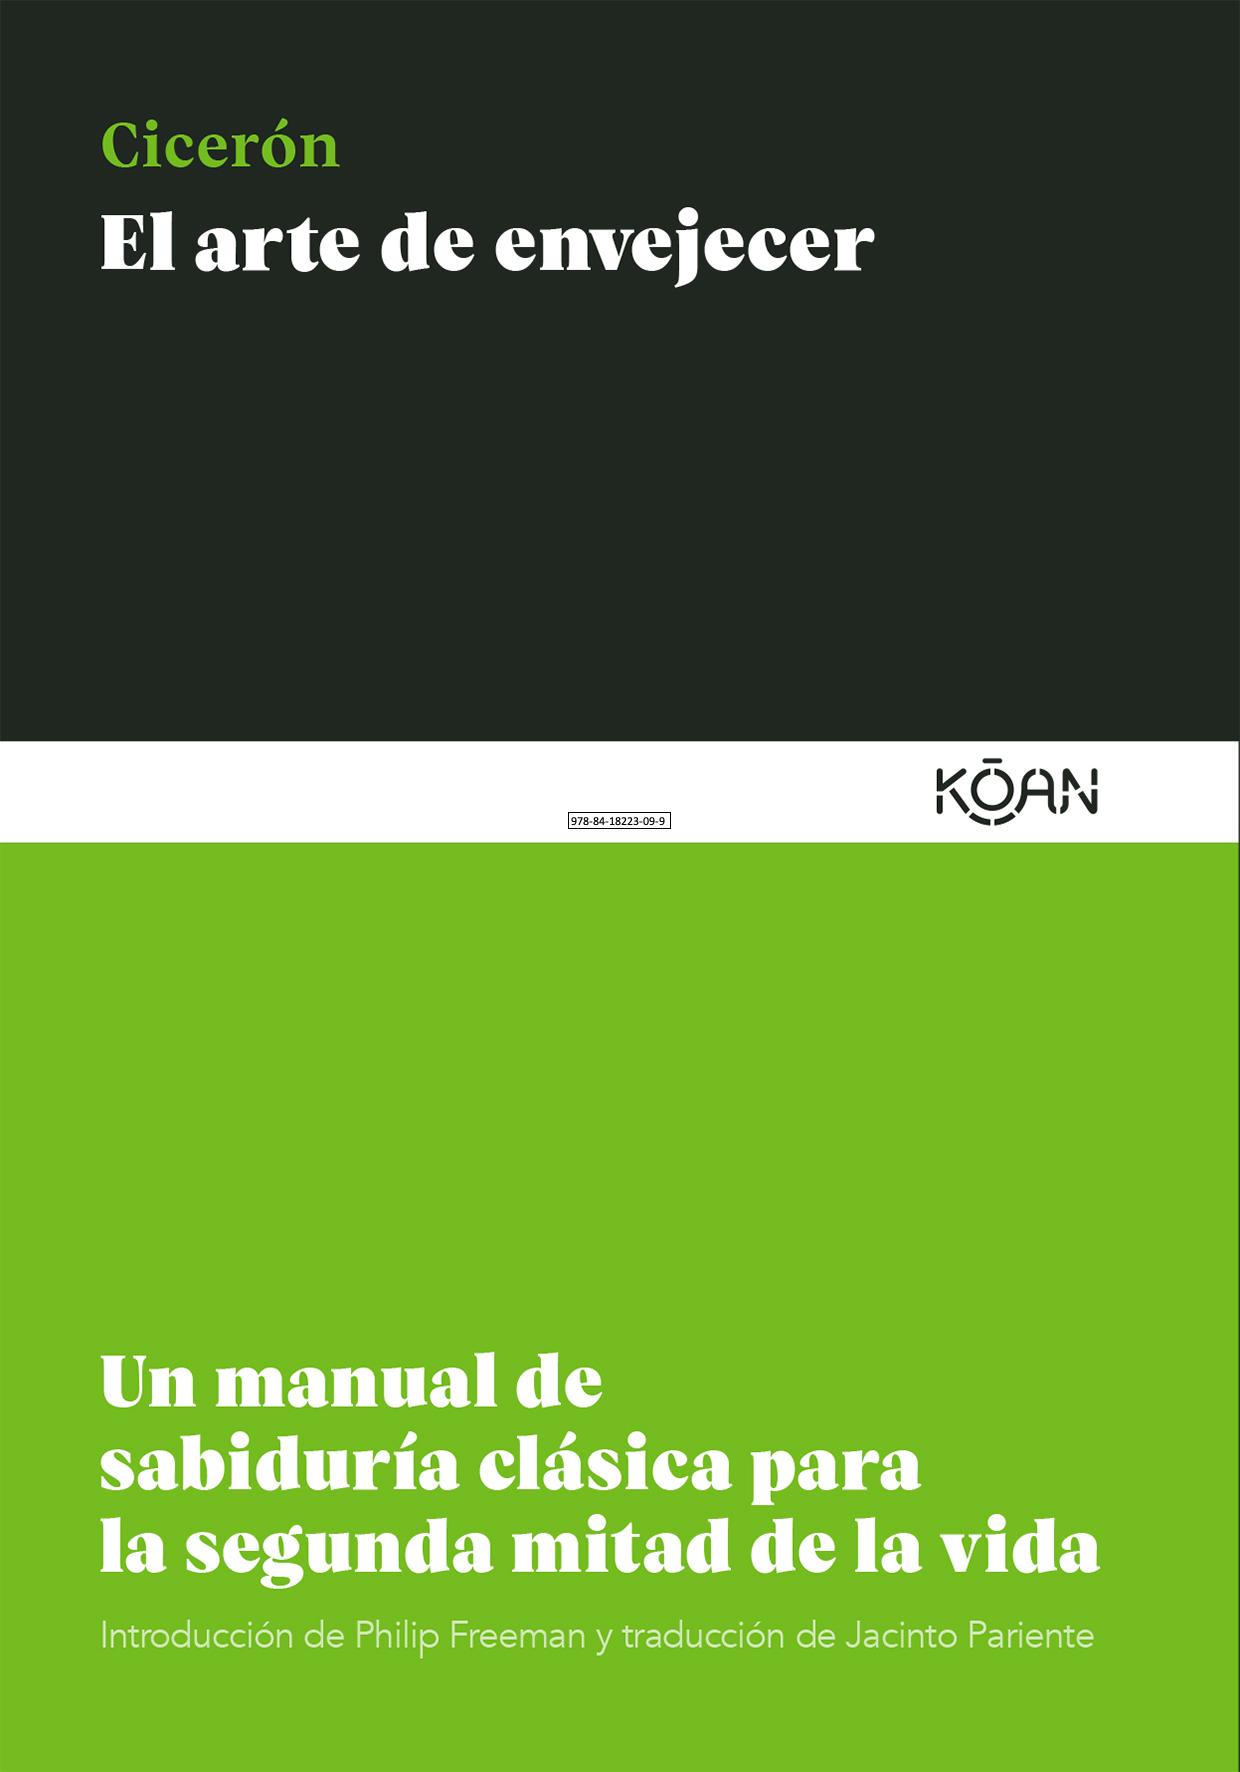 El arte de envejecer   «Un manual de sabiduría clásica para la segunda mitad de la vida»